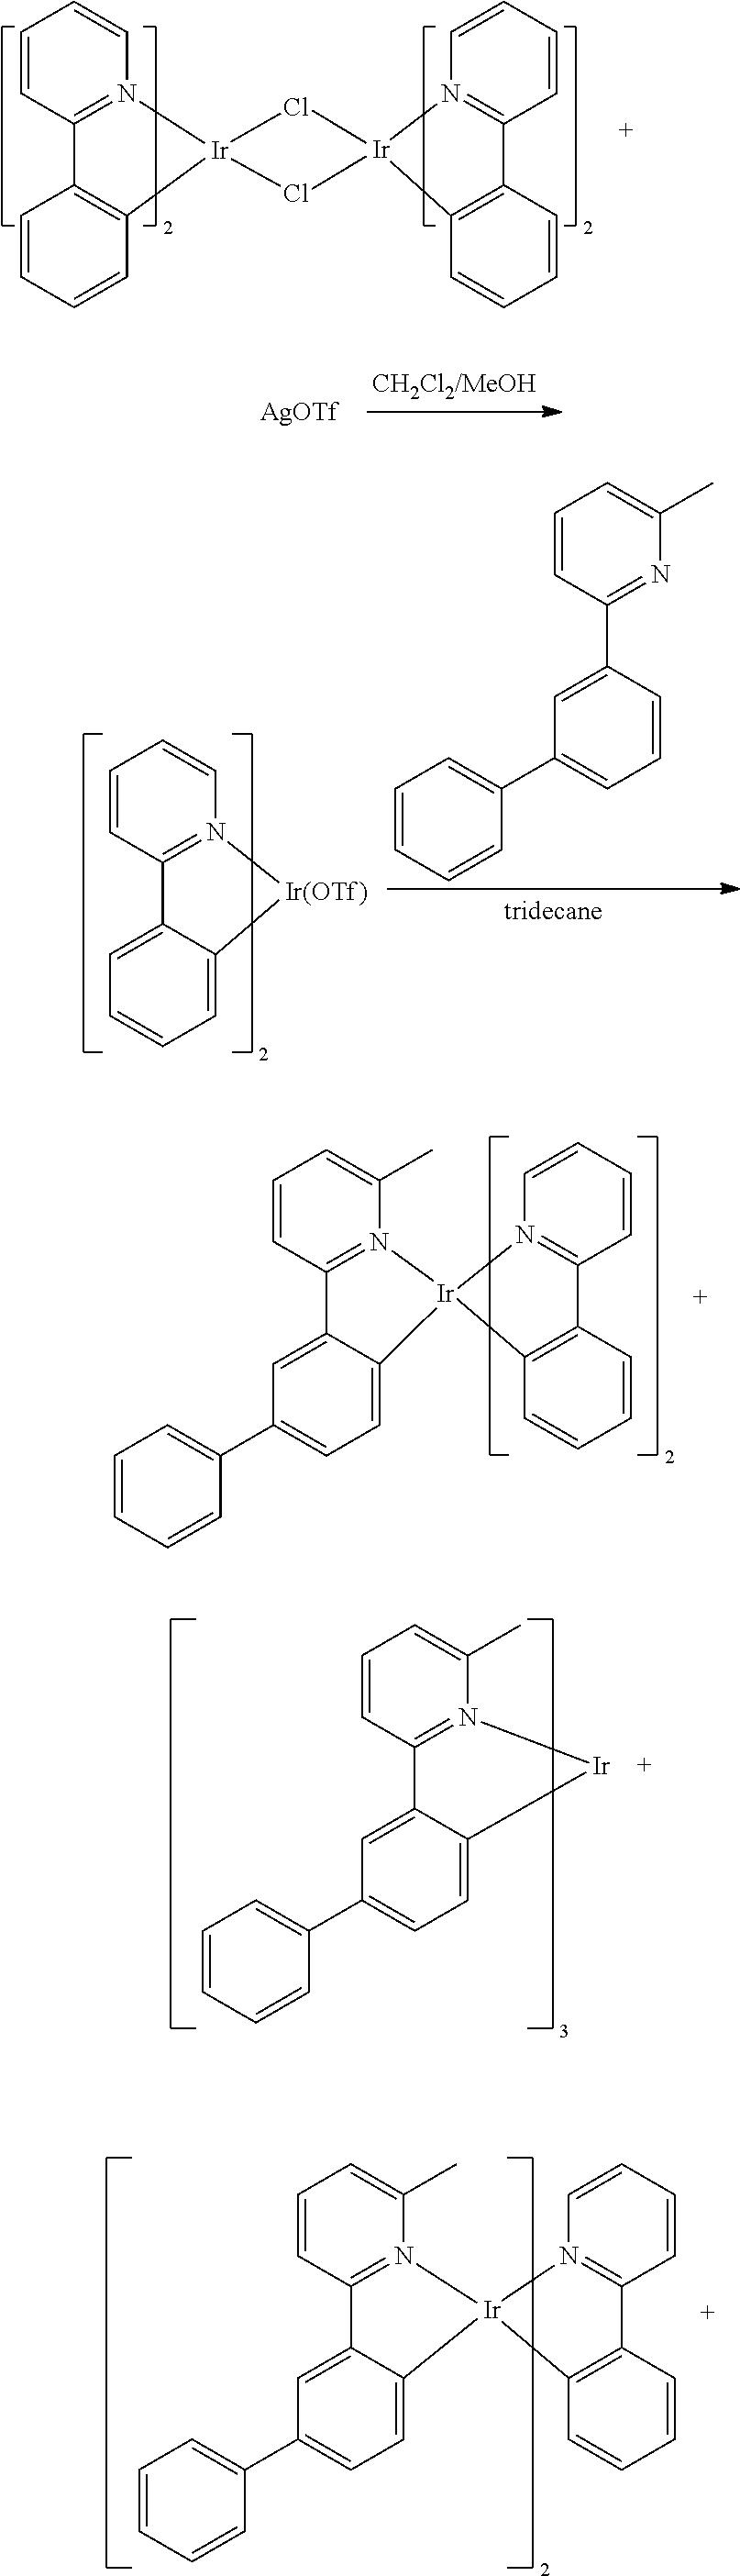 Figure US09899612-20180220-C00078